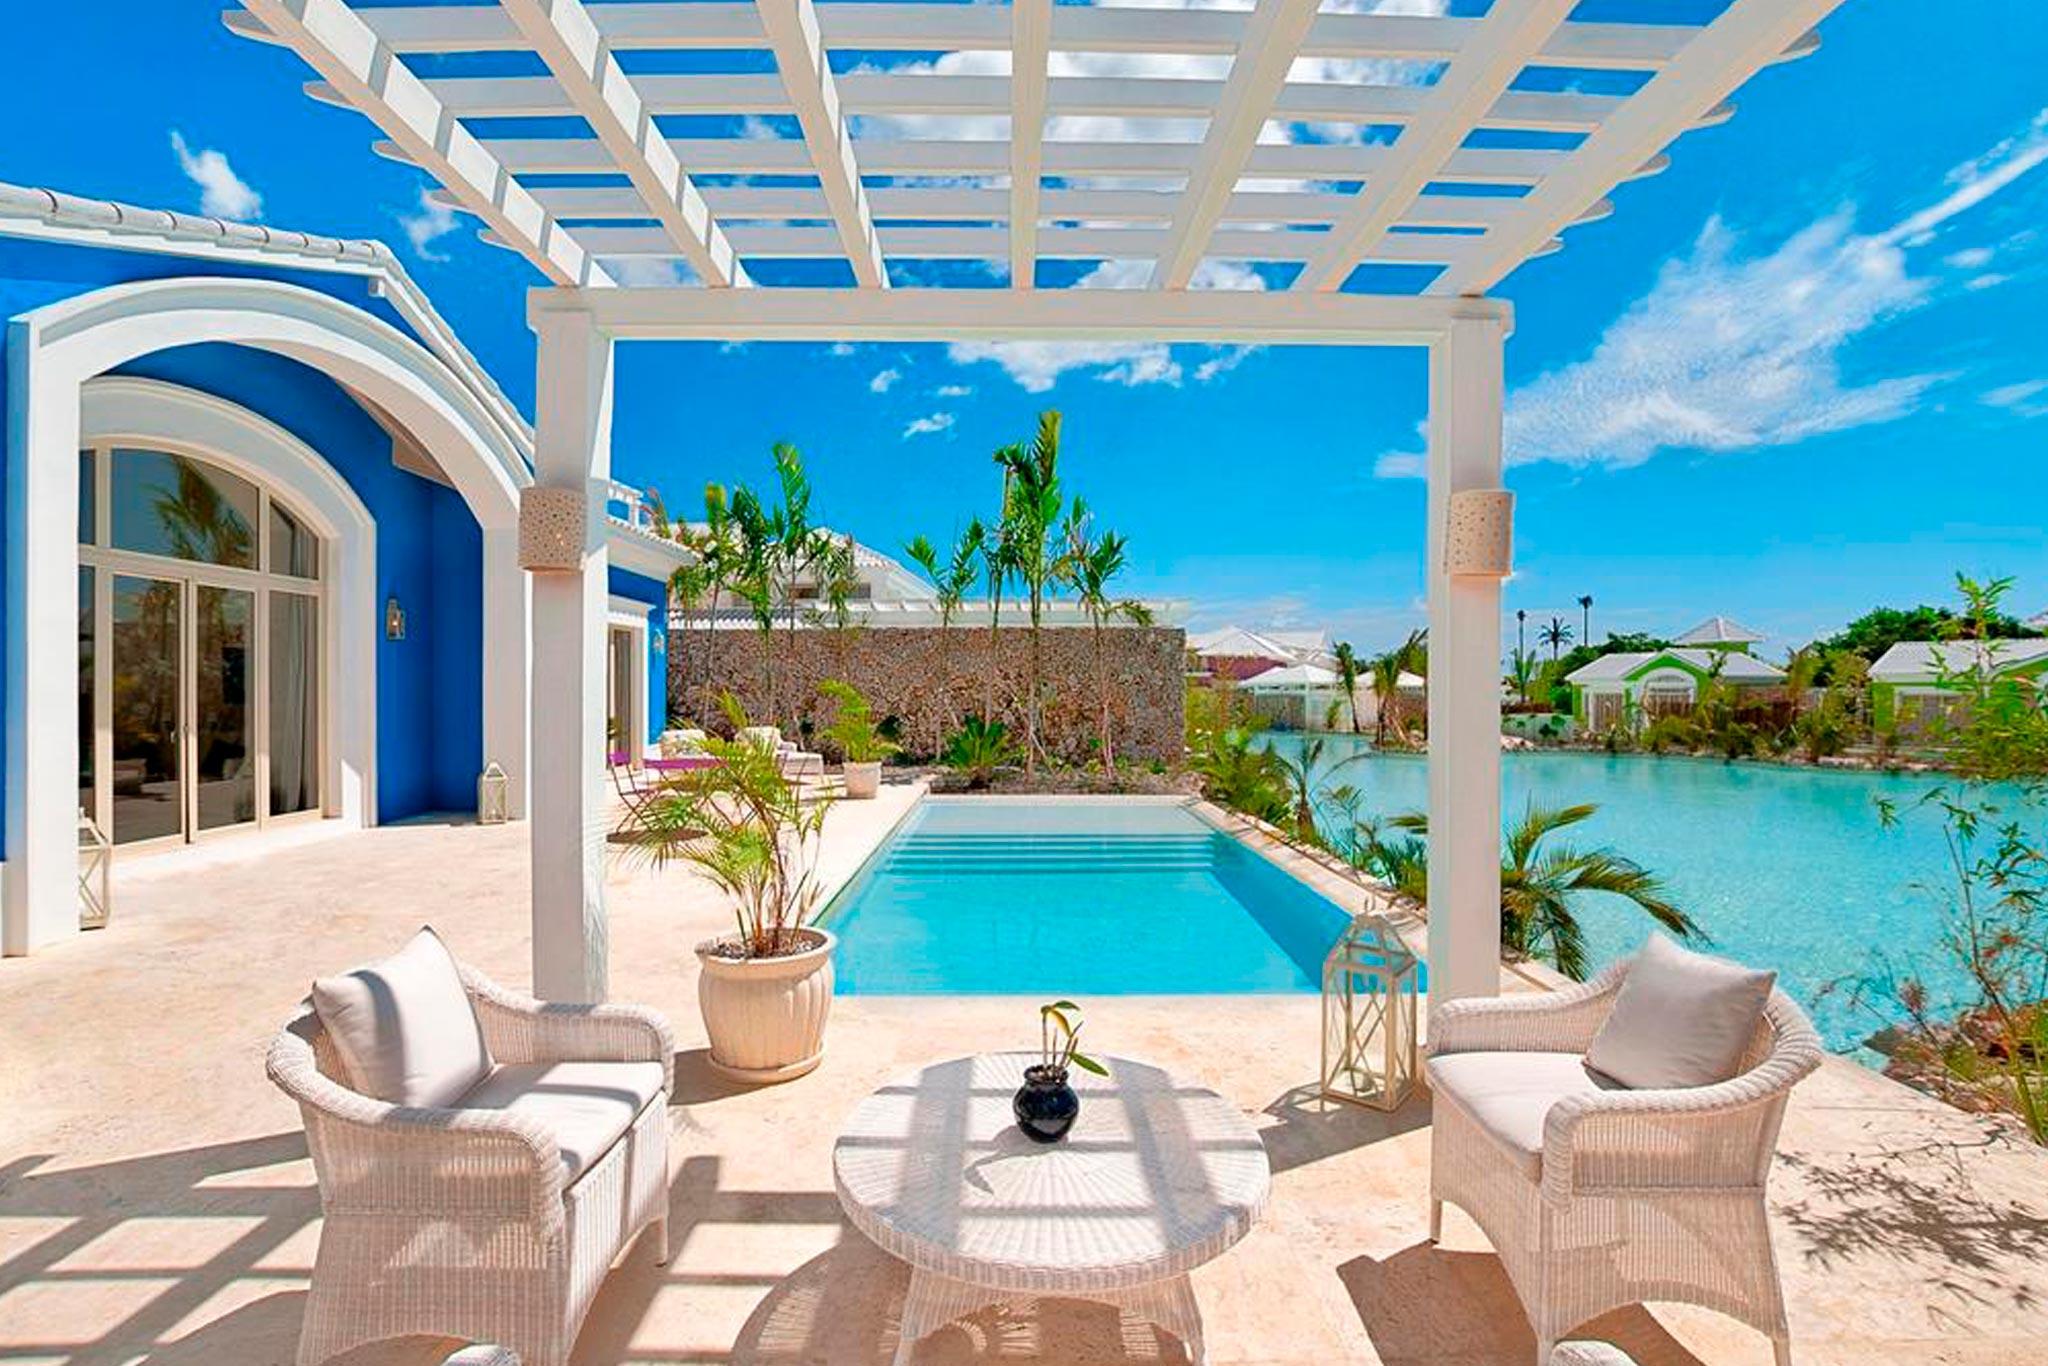 5-edenroc-exterior-piscina-coralina-abastel